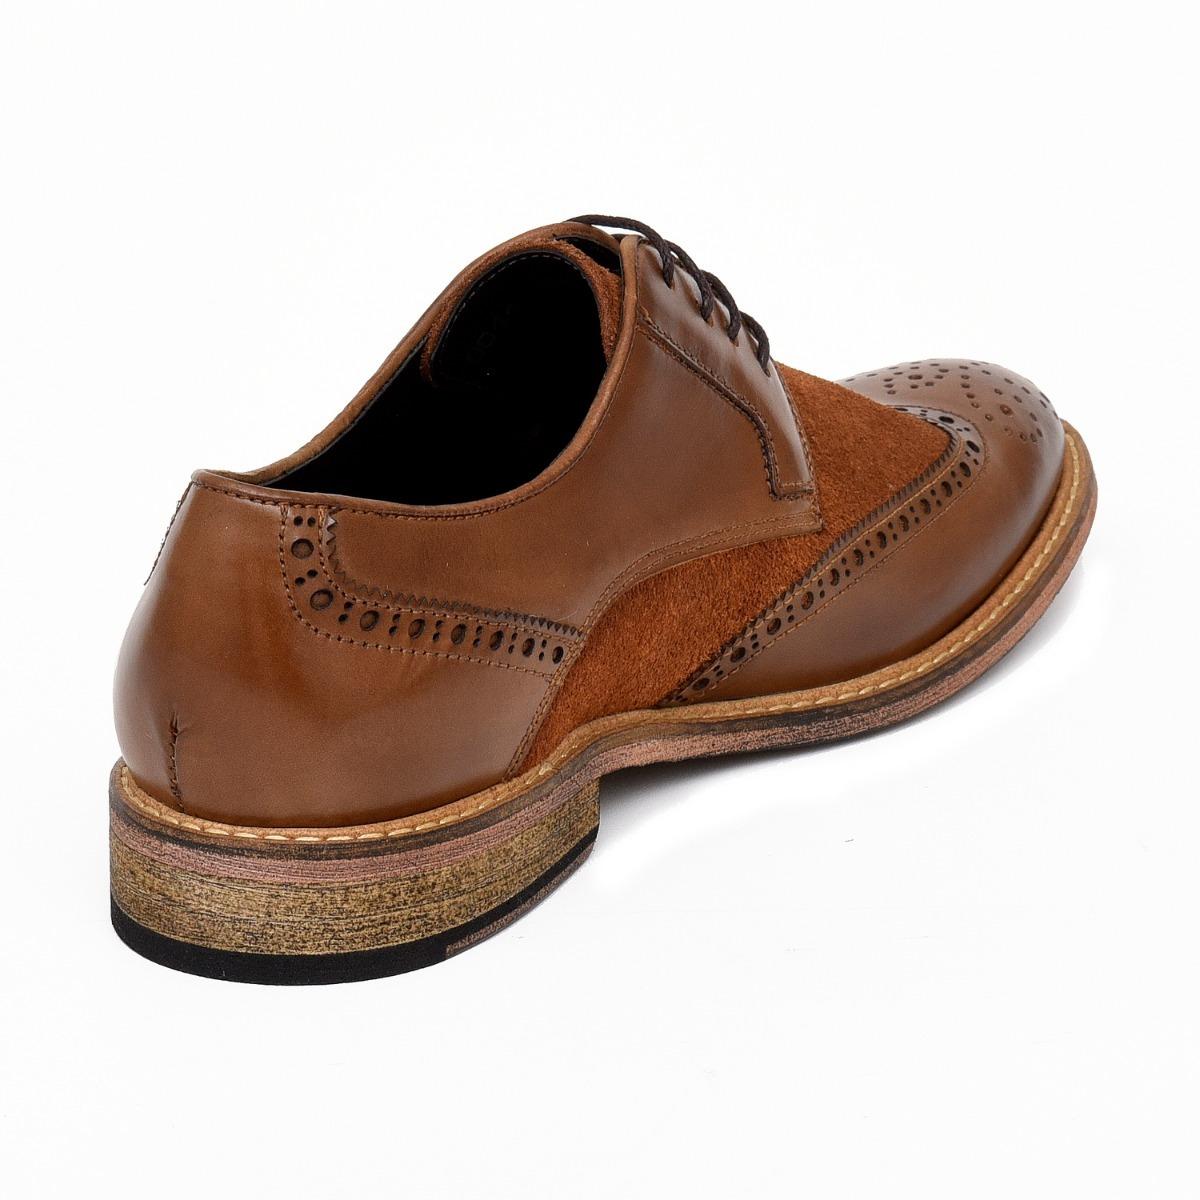 eee2a66df2 Jardini Sapatos Sociais Masculino Mod 69735c - R  279